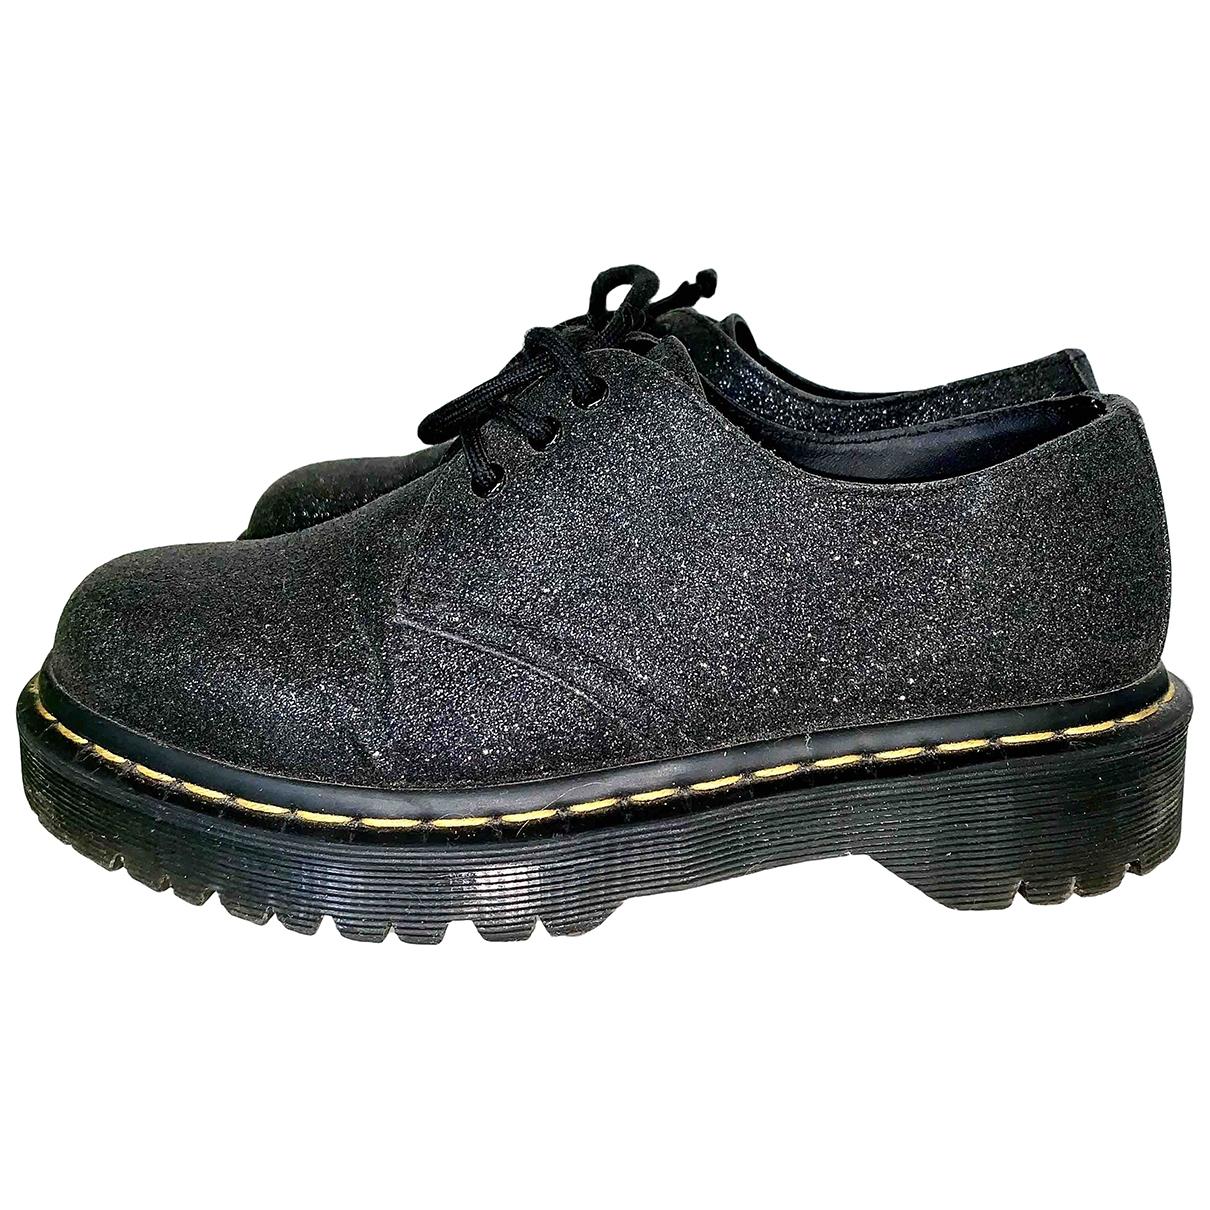 Dr. Martens N Black Glitter Flats for Women 37 EU